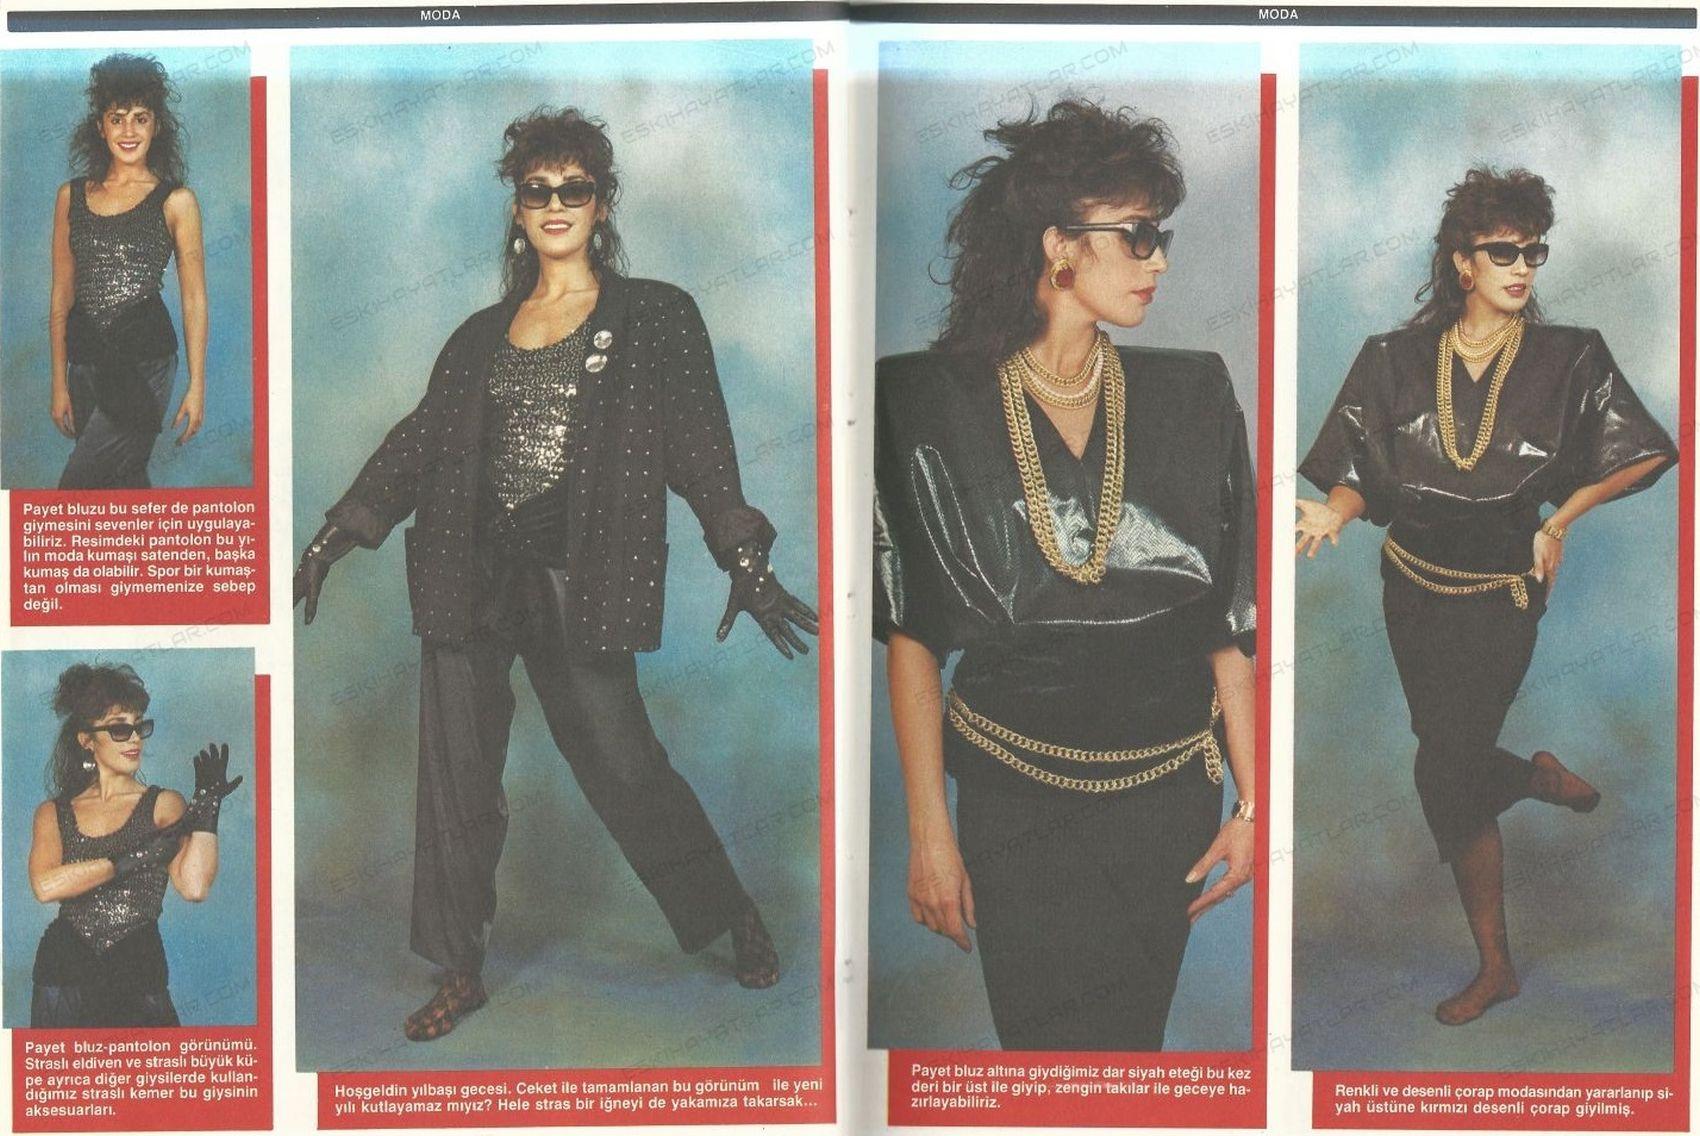 0125-nermi-erdur-kimdir-cigdem-tunc-gencligi-seksenlerde-kadin-giyim-yilbasi-kiyafetleri-1985-yili-kadinca-dergisi-fotograflari-neslihan-yargici-tasarimlari (4)